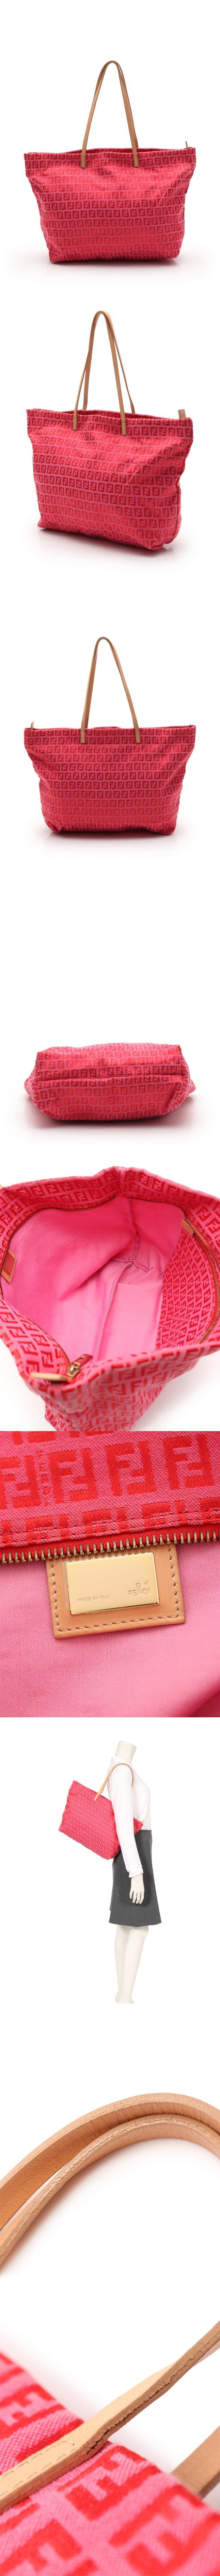 トートバッグ ズッキーノ ピンク 赤 8BH025 キャンバス レザー